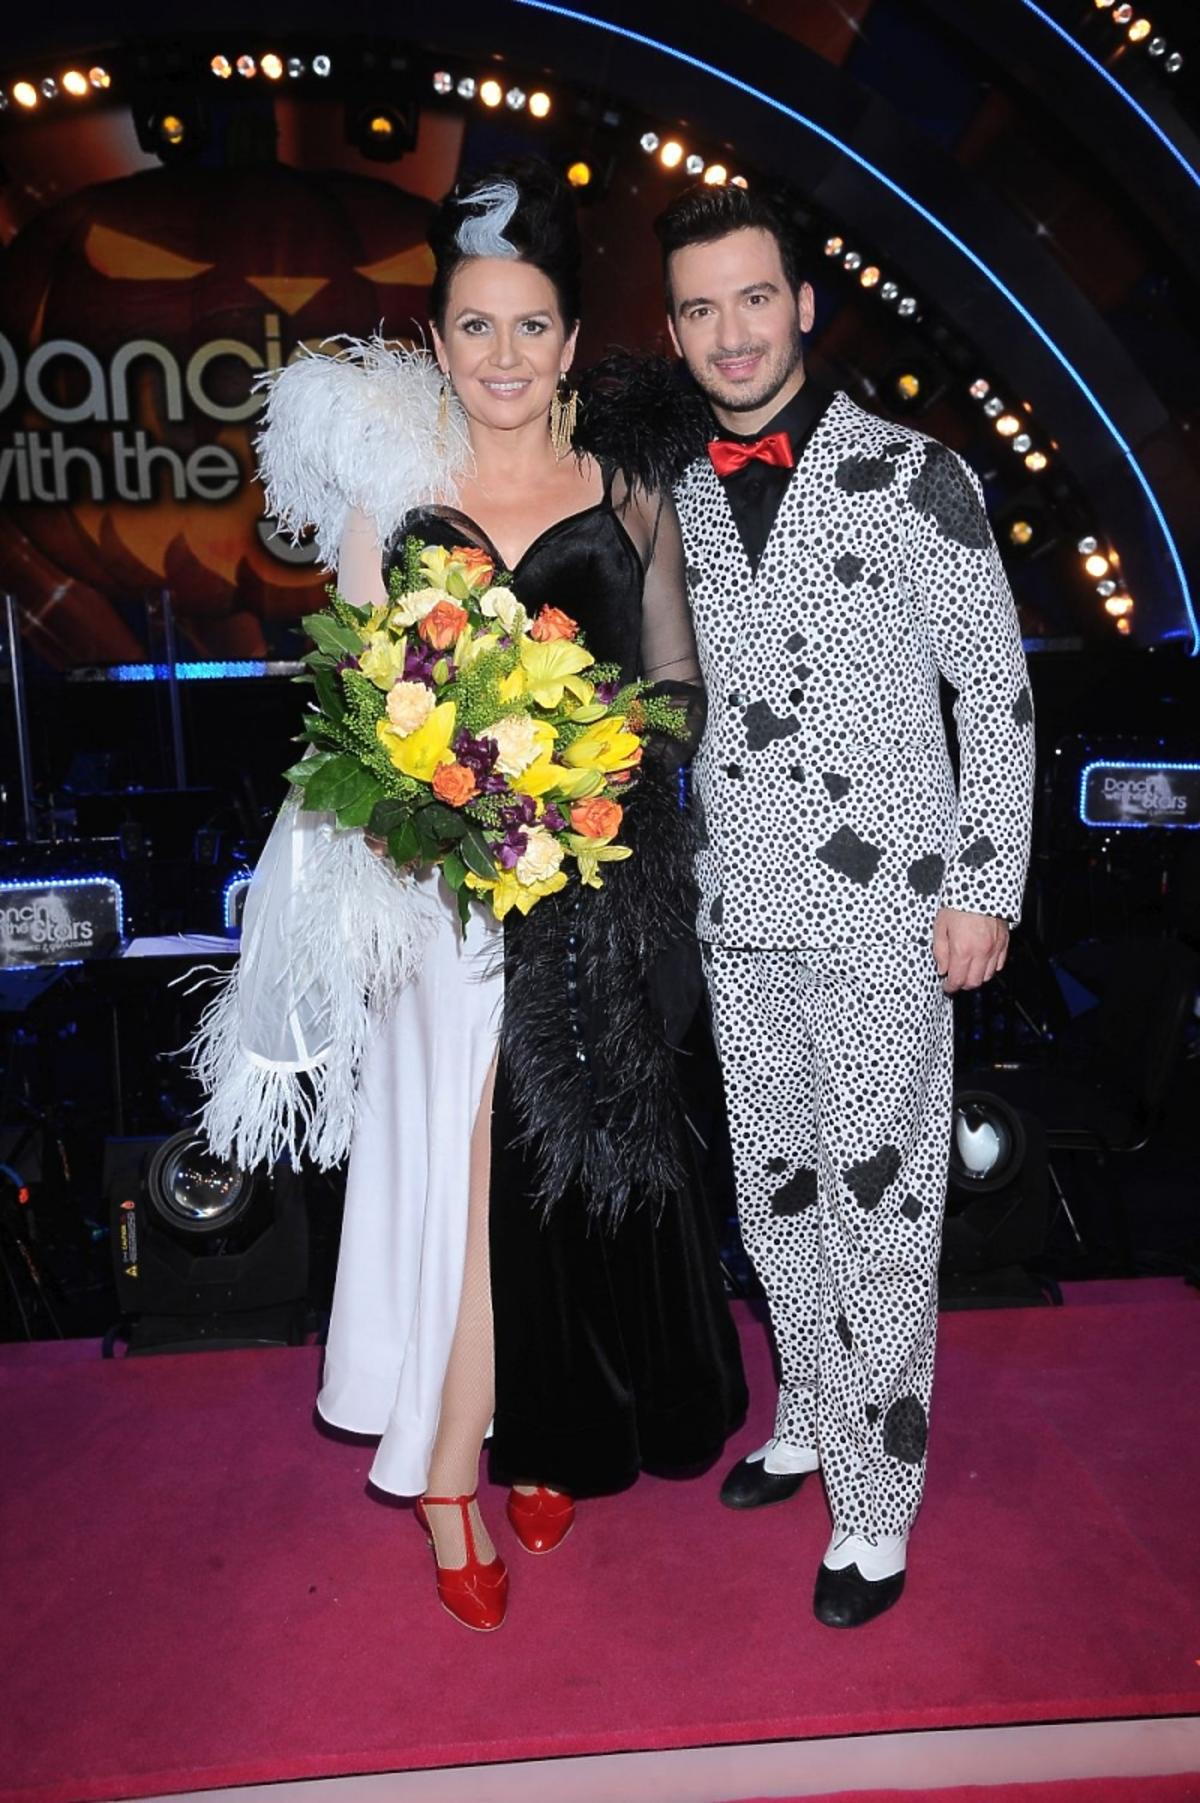 Małgorzata Pieńkowska w czarenj sukni i czerownych butach, Stefano Terrazzino jako pies w Tańcu z Gwiazdami